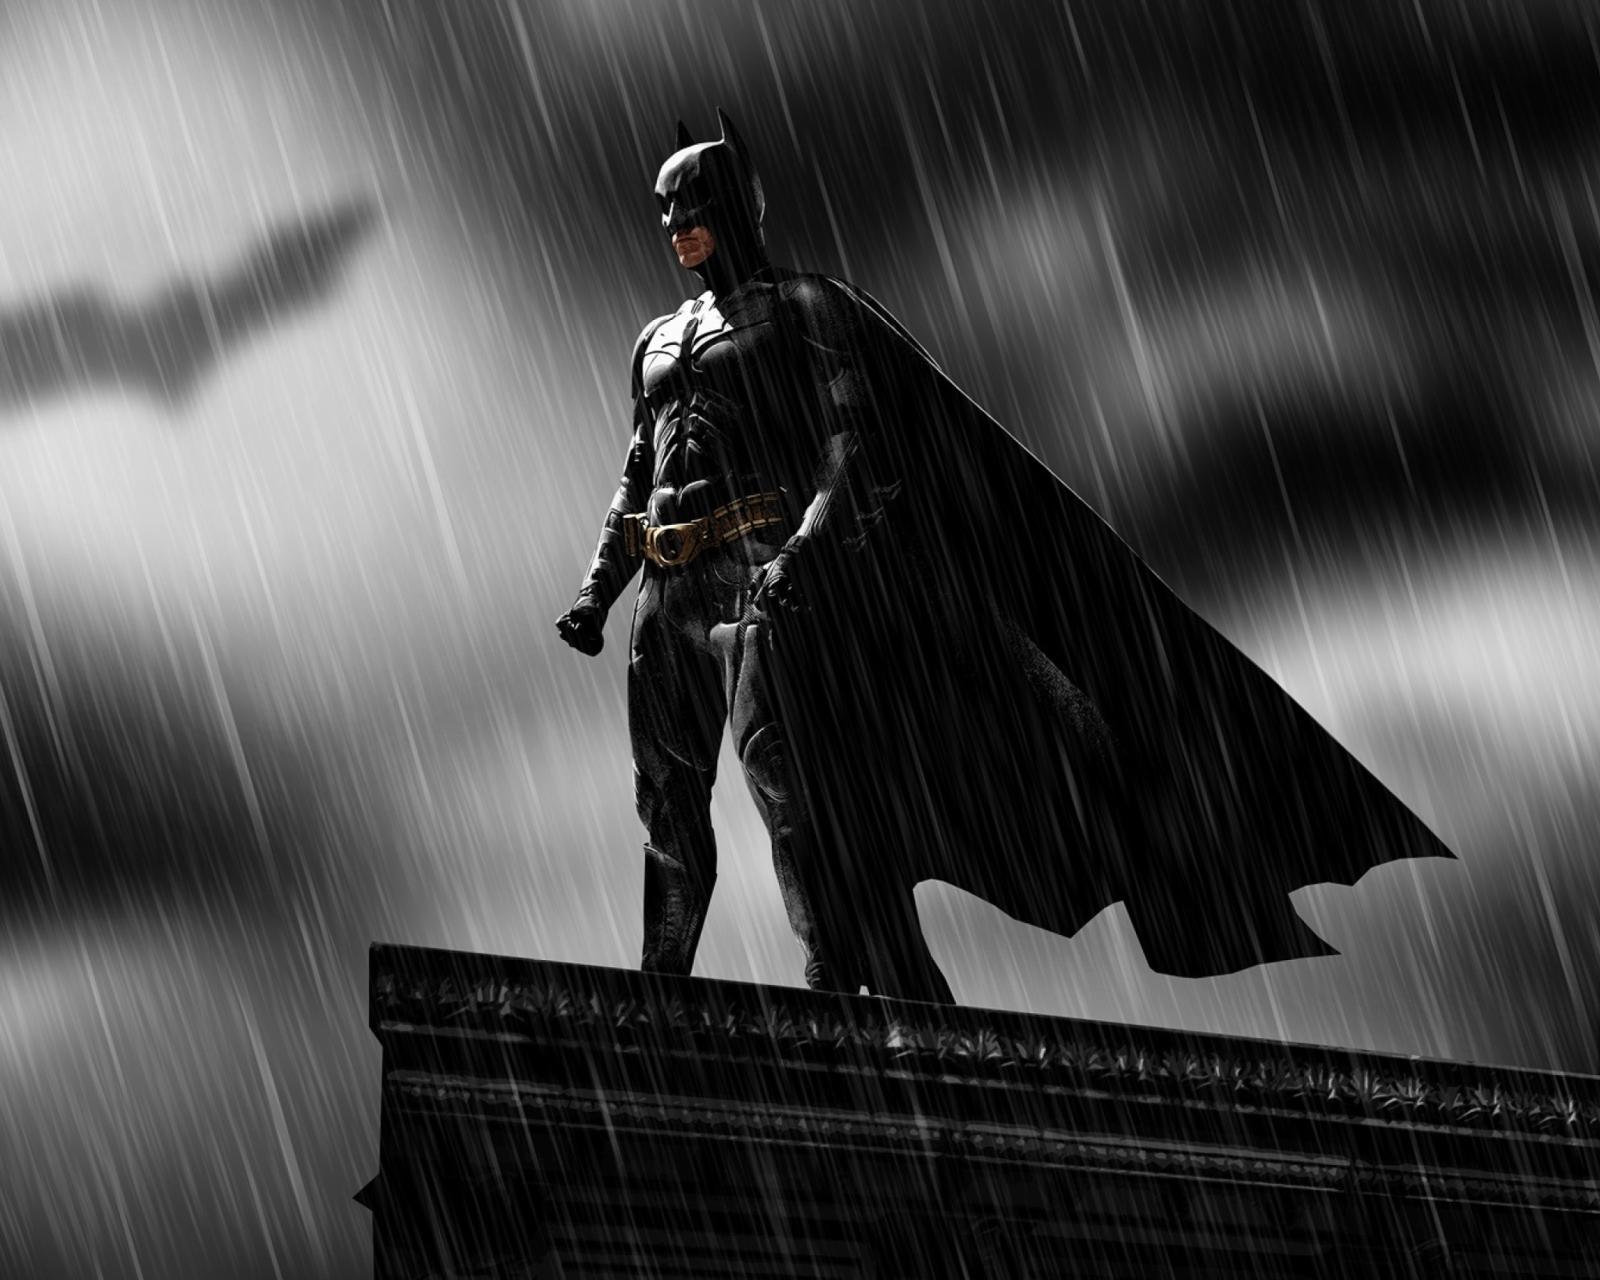 Этому городу нужен герой картинки